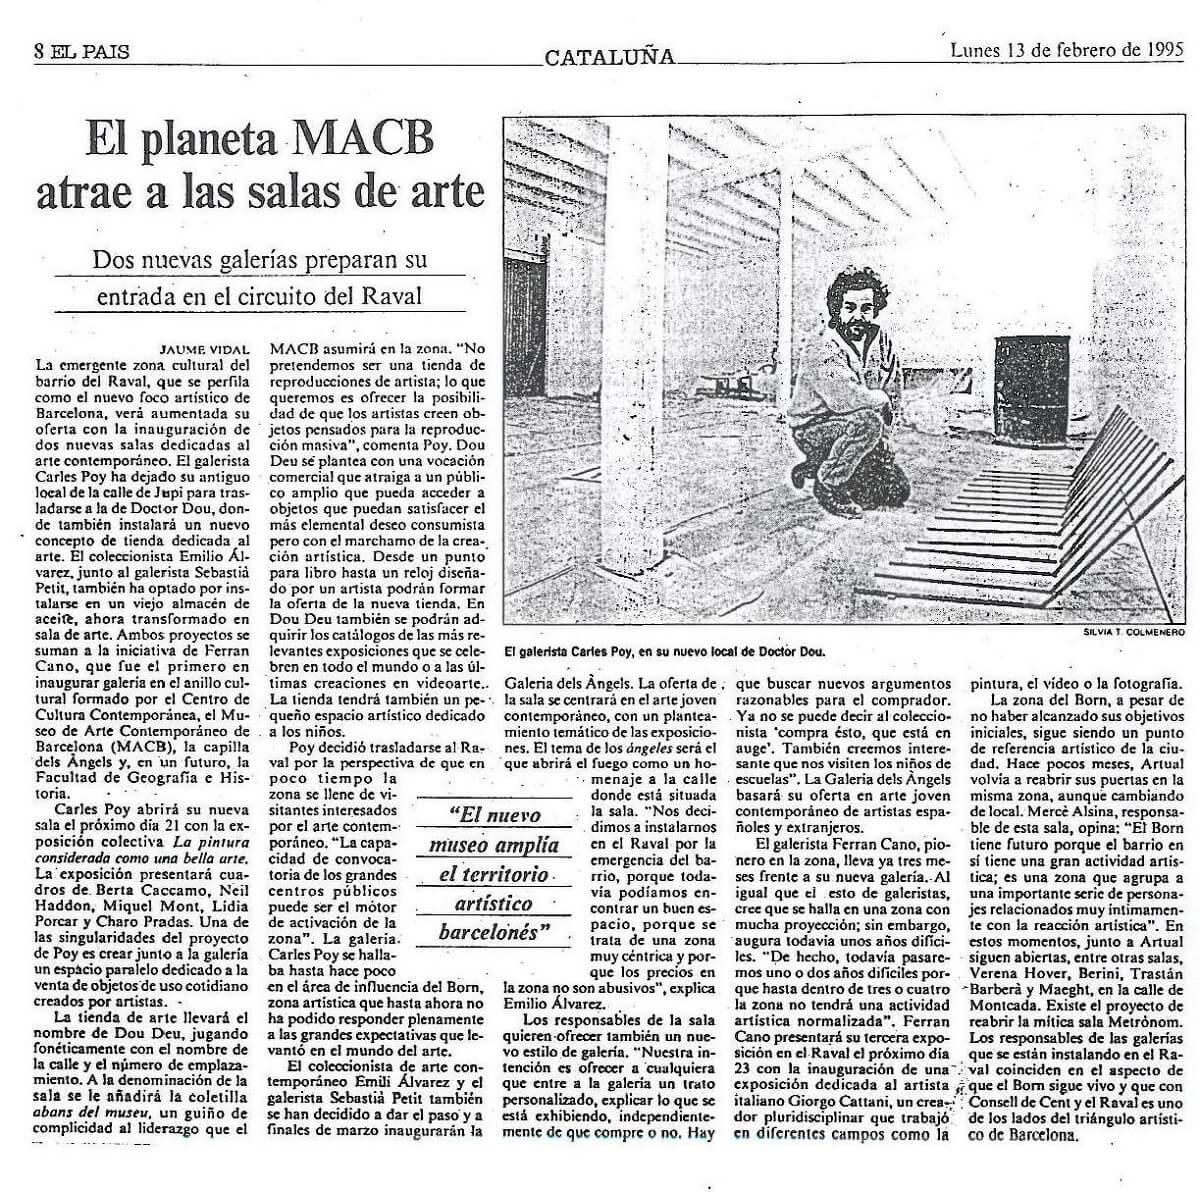 El planeta MACB atrae a las salas de arte